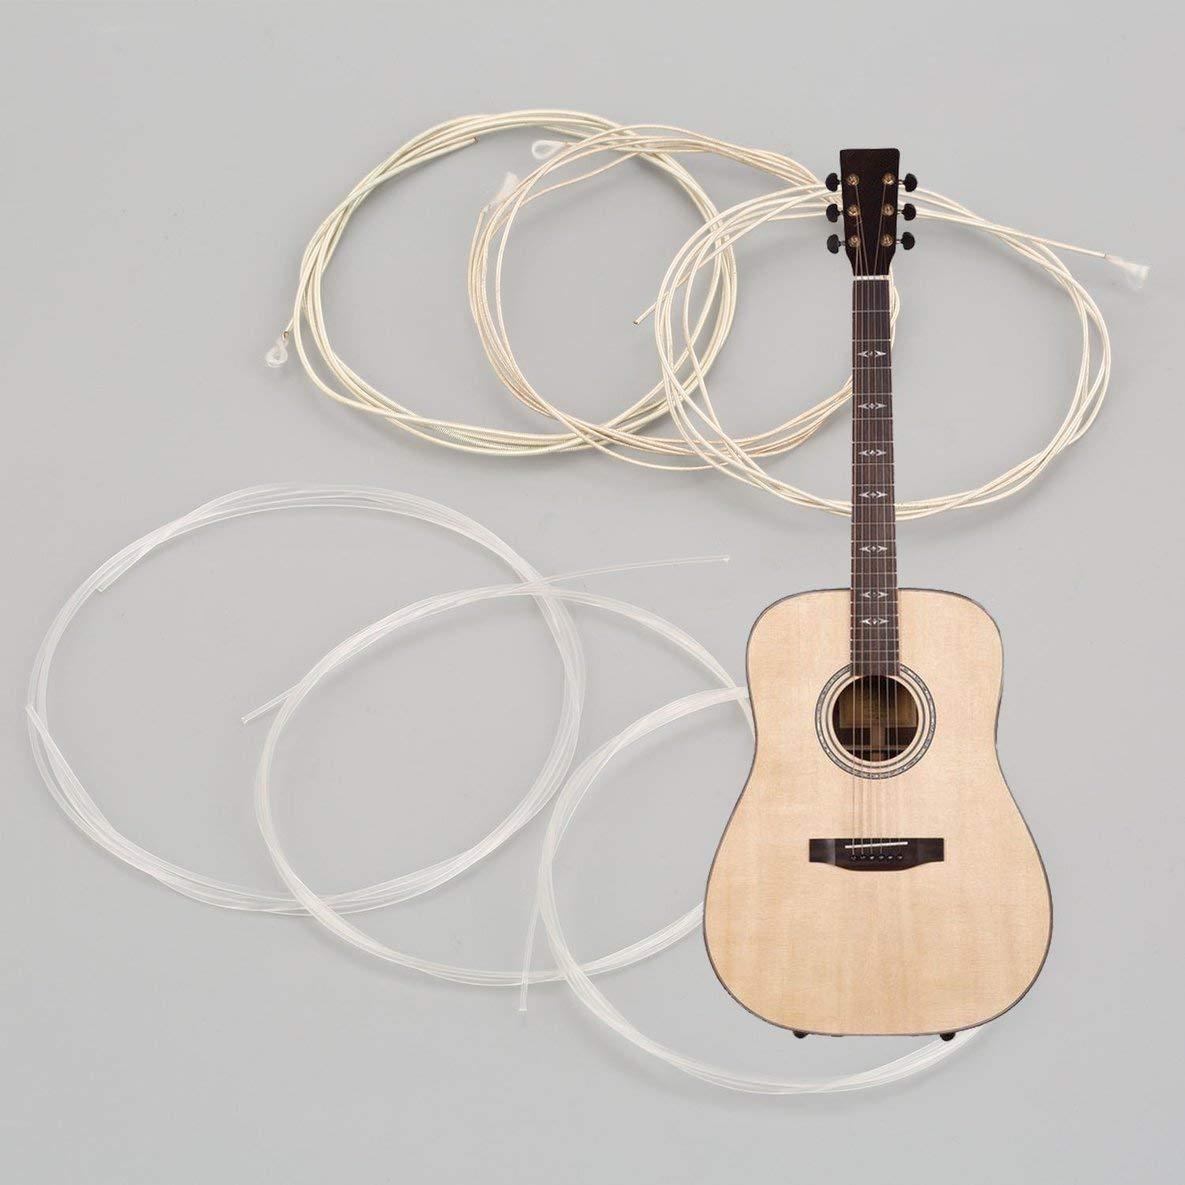 Noradtjcca Klare und Silberne Nylonsilbersaiten f/ür Klassische Gitarre 1M 1-6 EBGDAE Guitarra Bass Parts /& Accessories Set